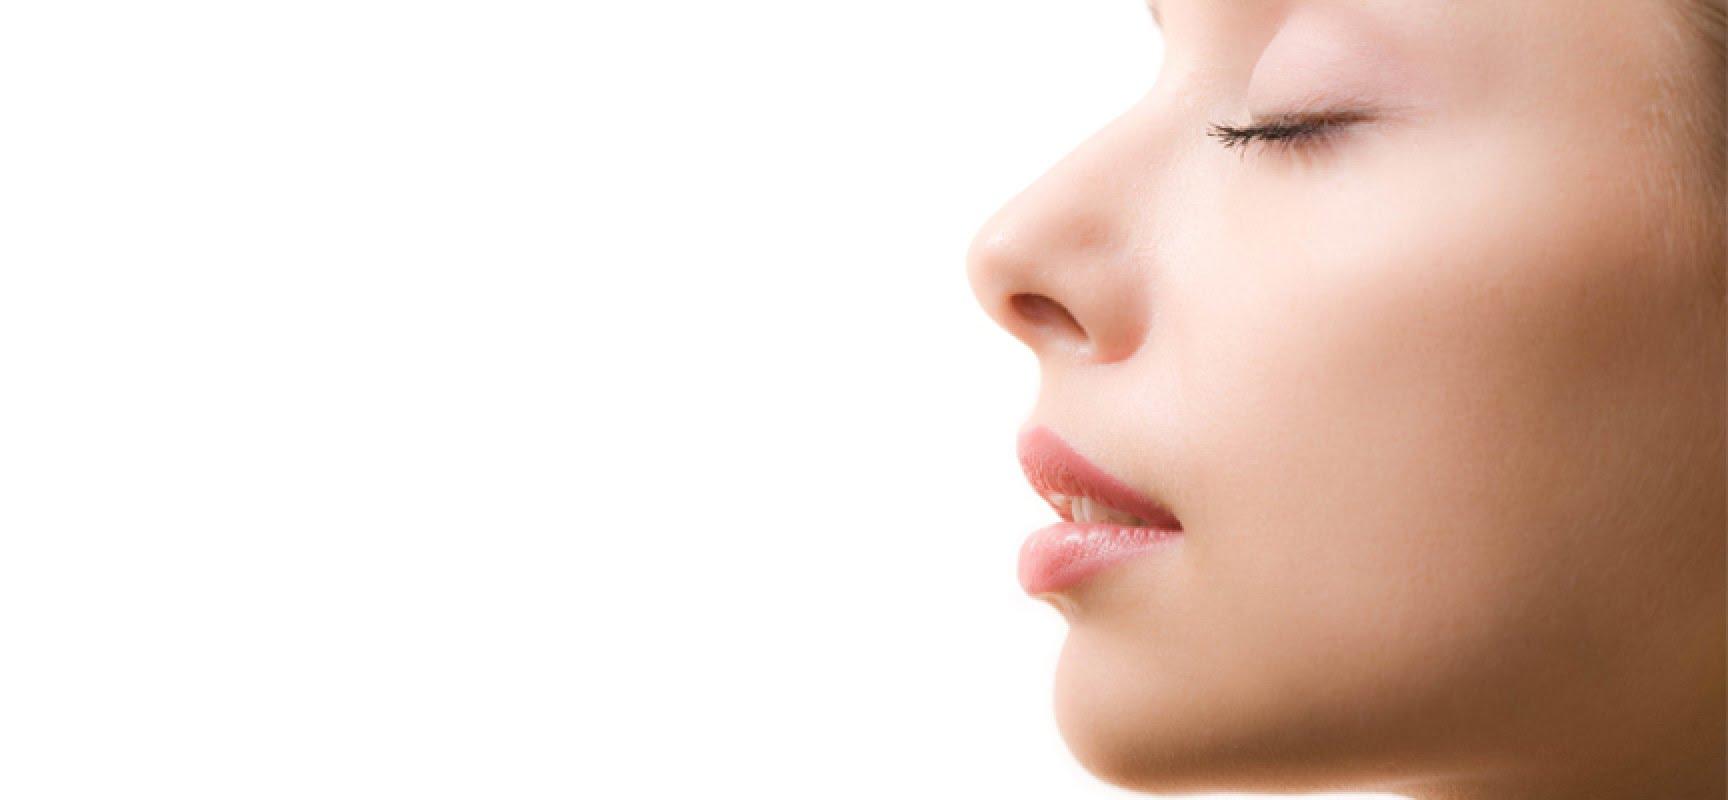 Запах путресцина ассоциируется у людей со смертью